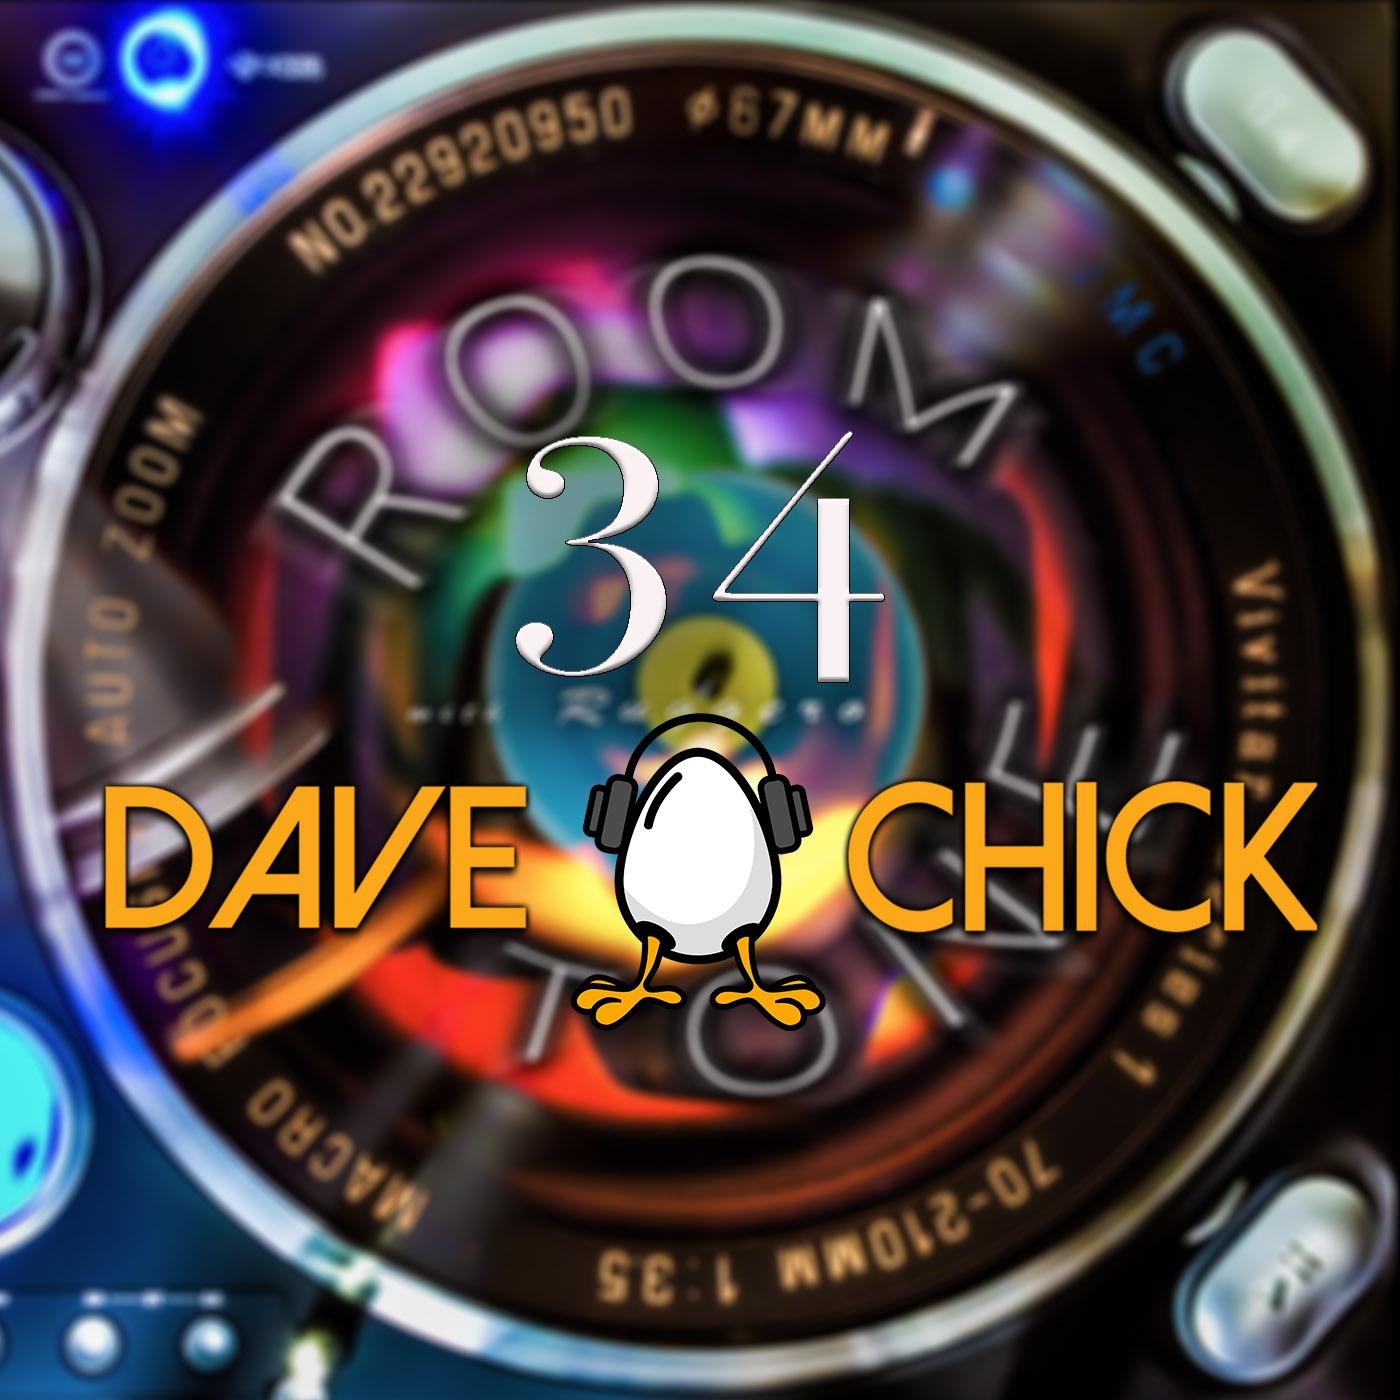 Room Tone Take 34.jpg